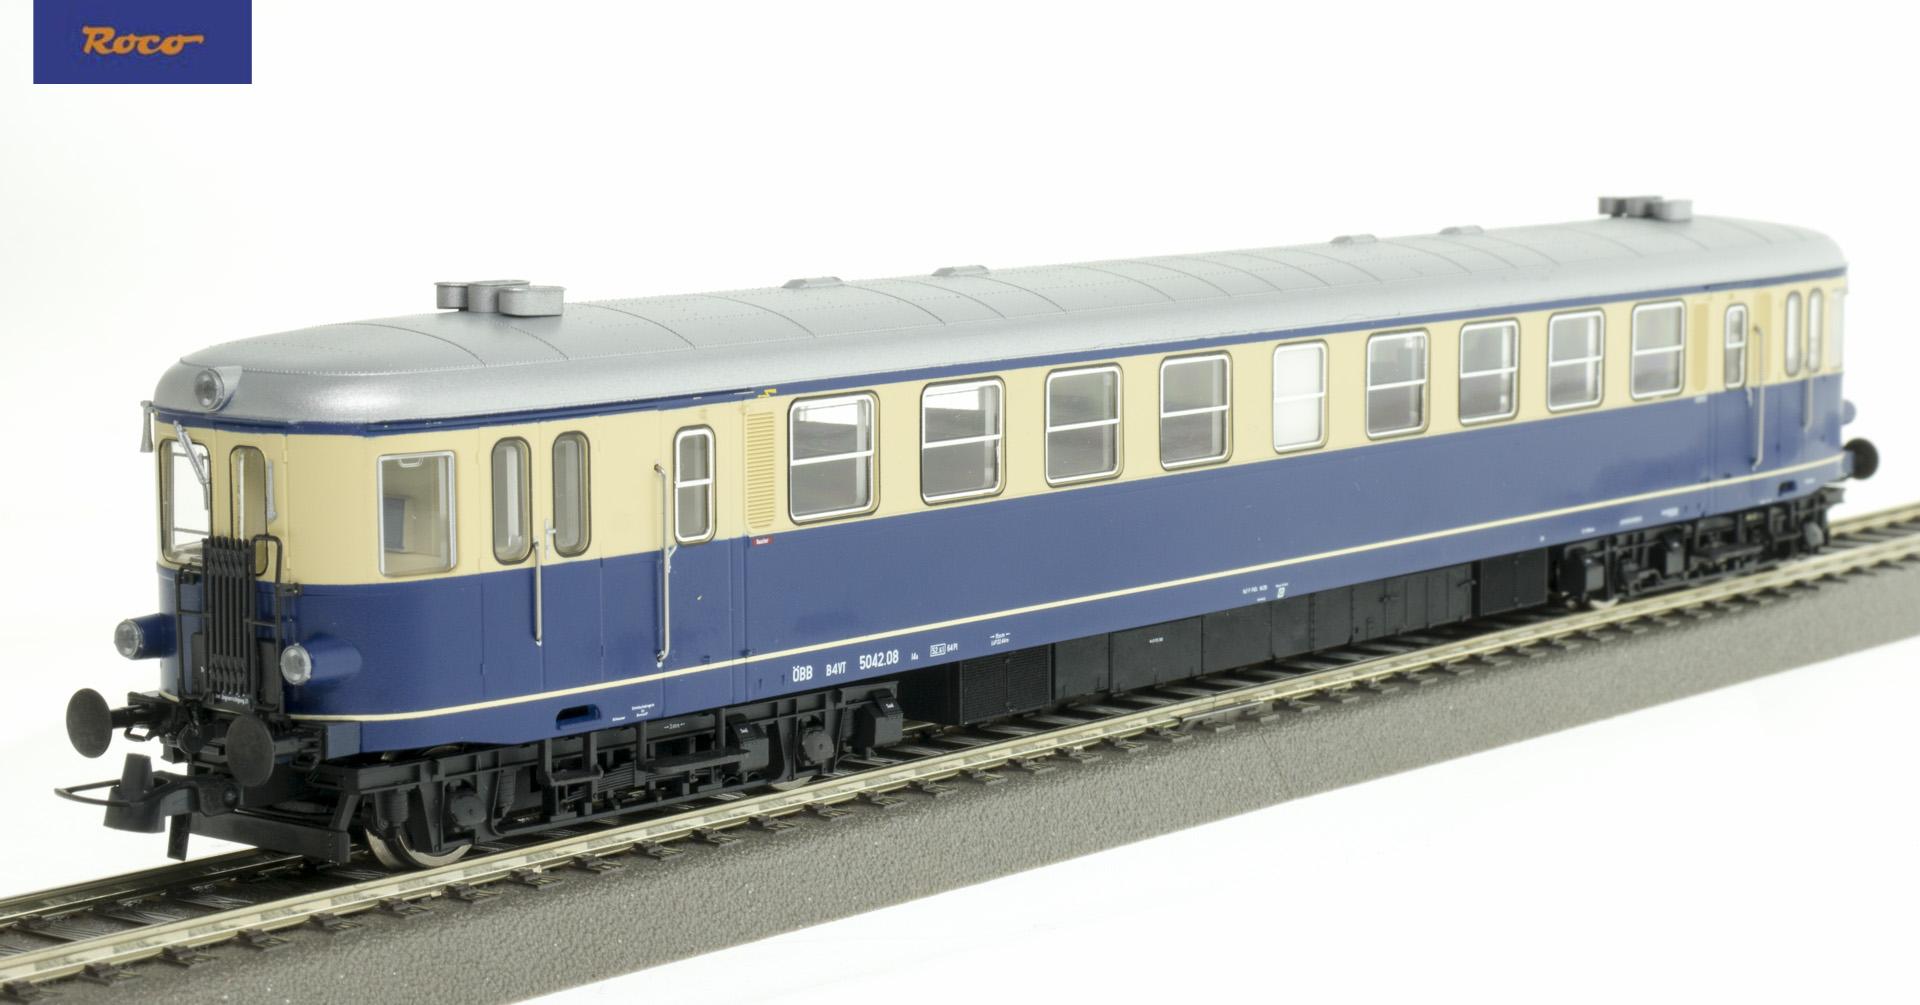 Roco 73143 Dízel motorvonat Rh 5042.08, ÖBB III-IV, hangdekóderrel